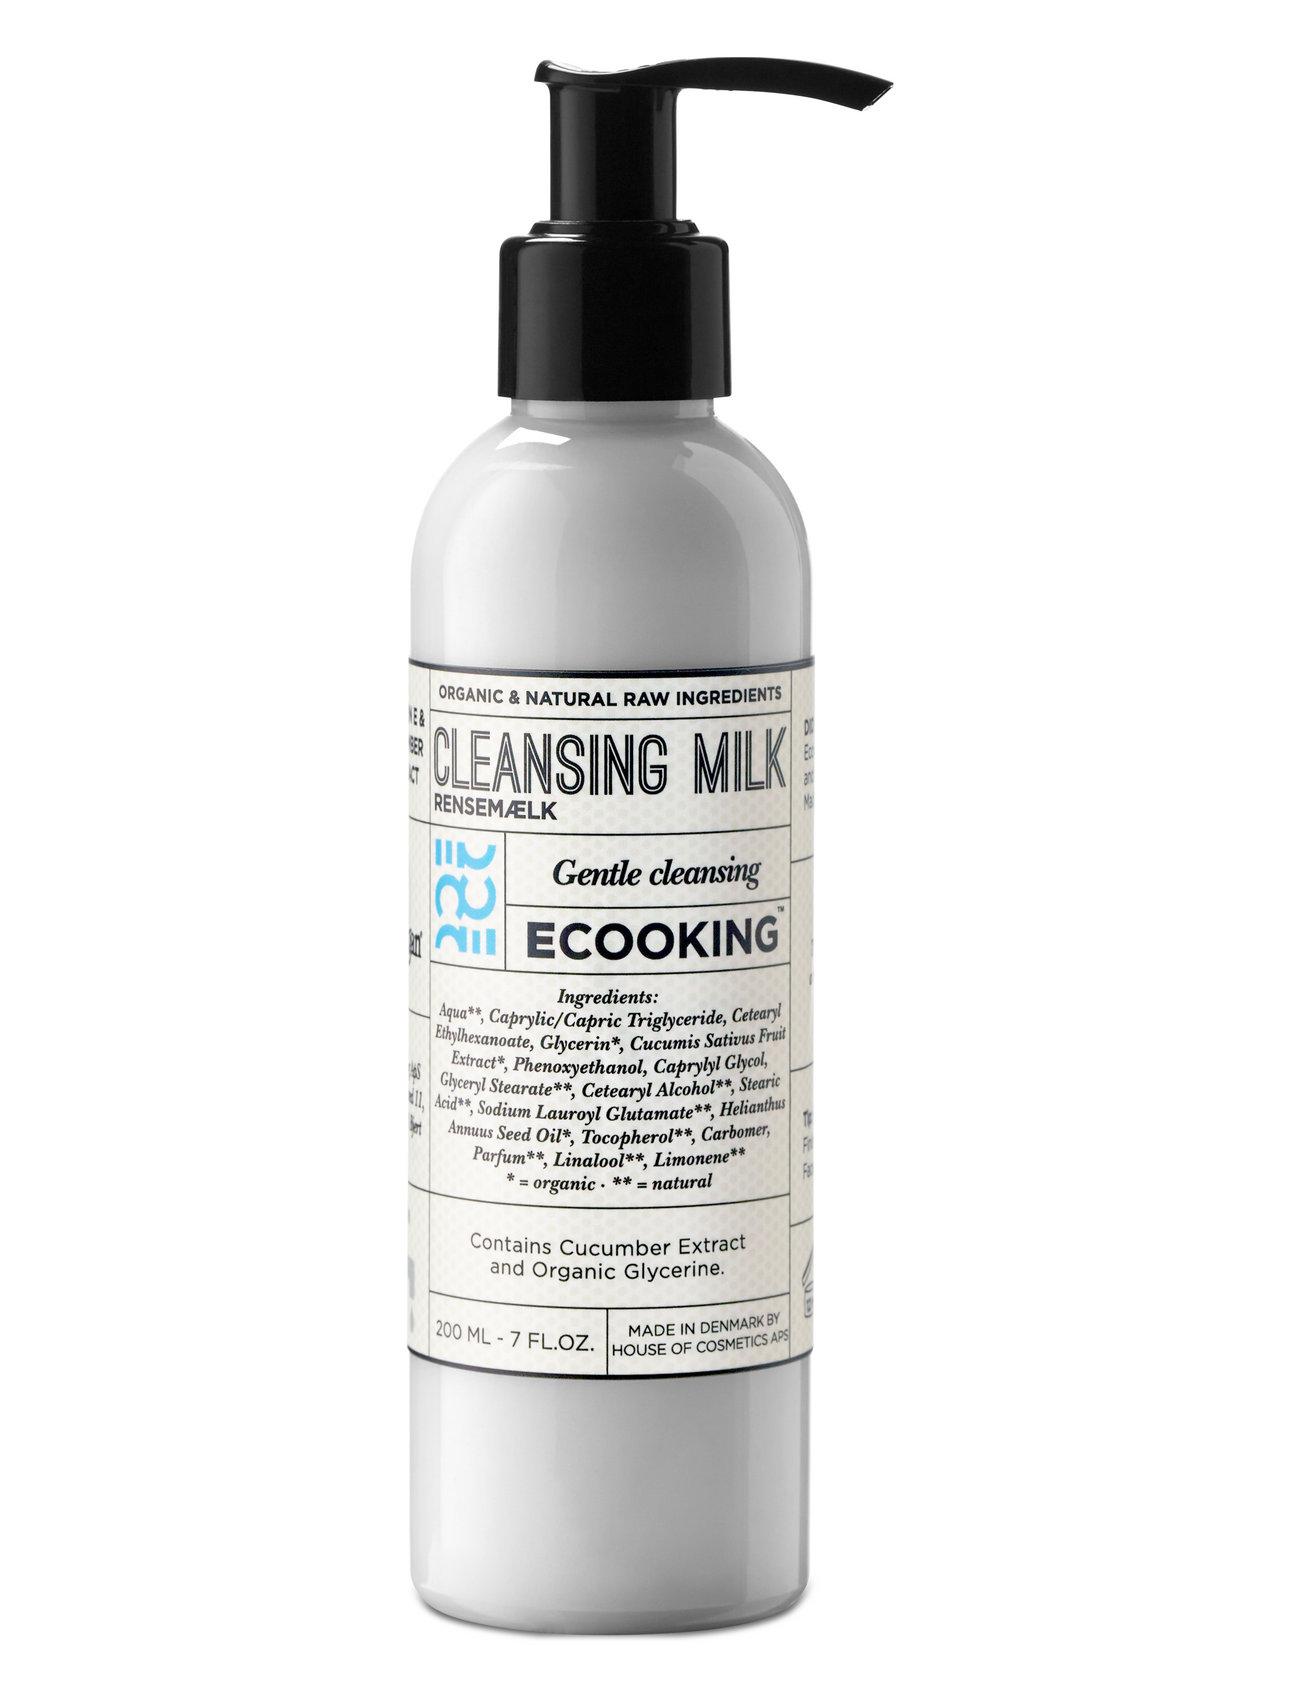 Image of Cleansing Milk Ansigtsrens Makeupfjerner Nude ECOOKING (3131508363)